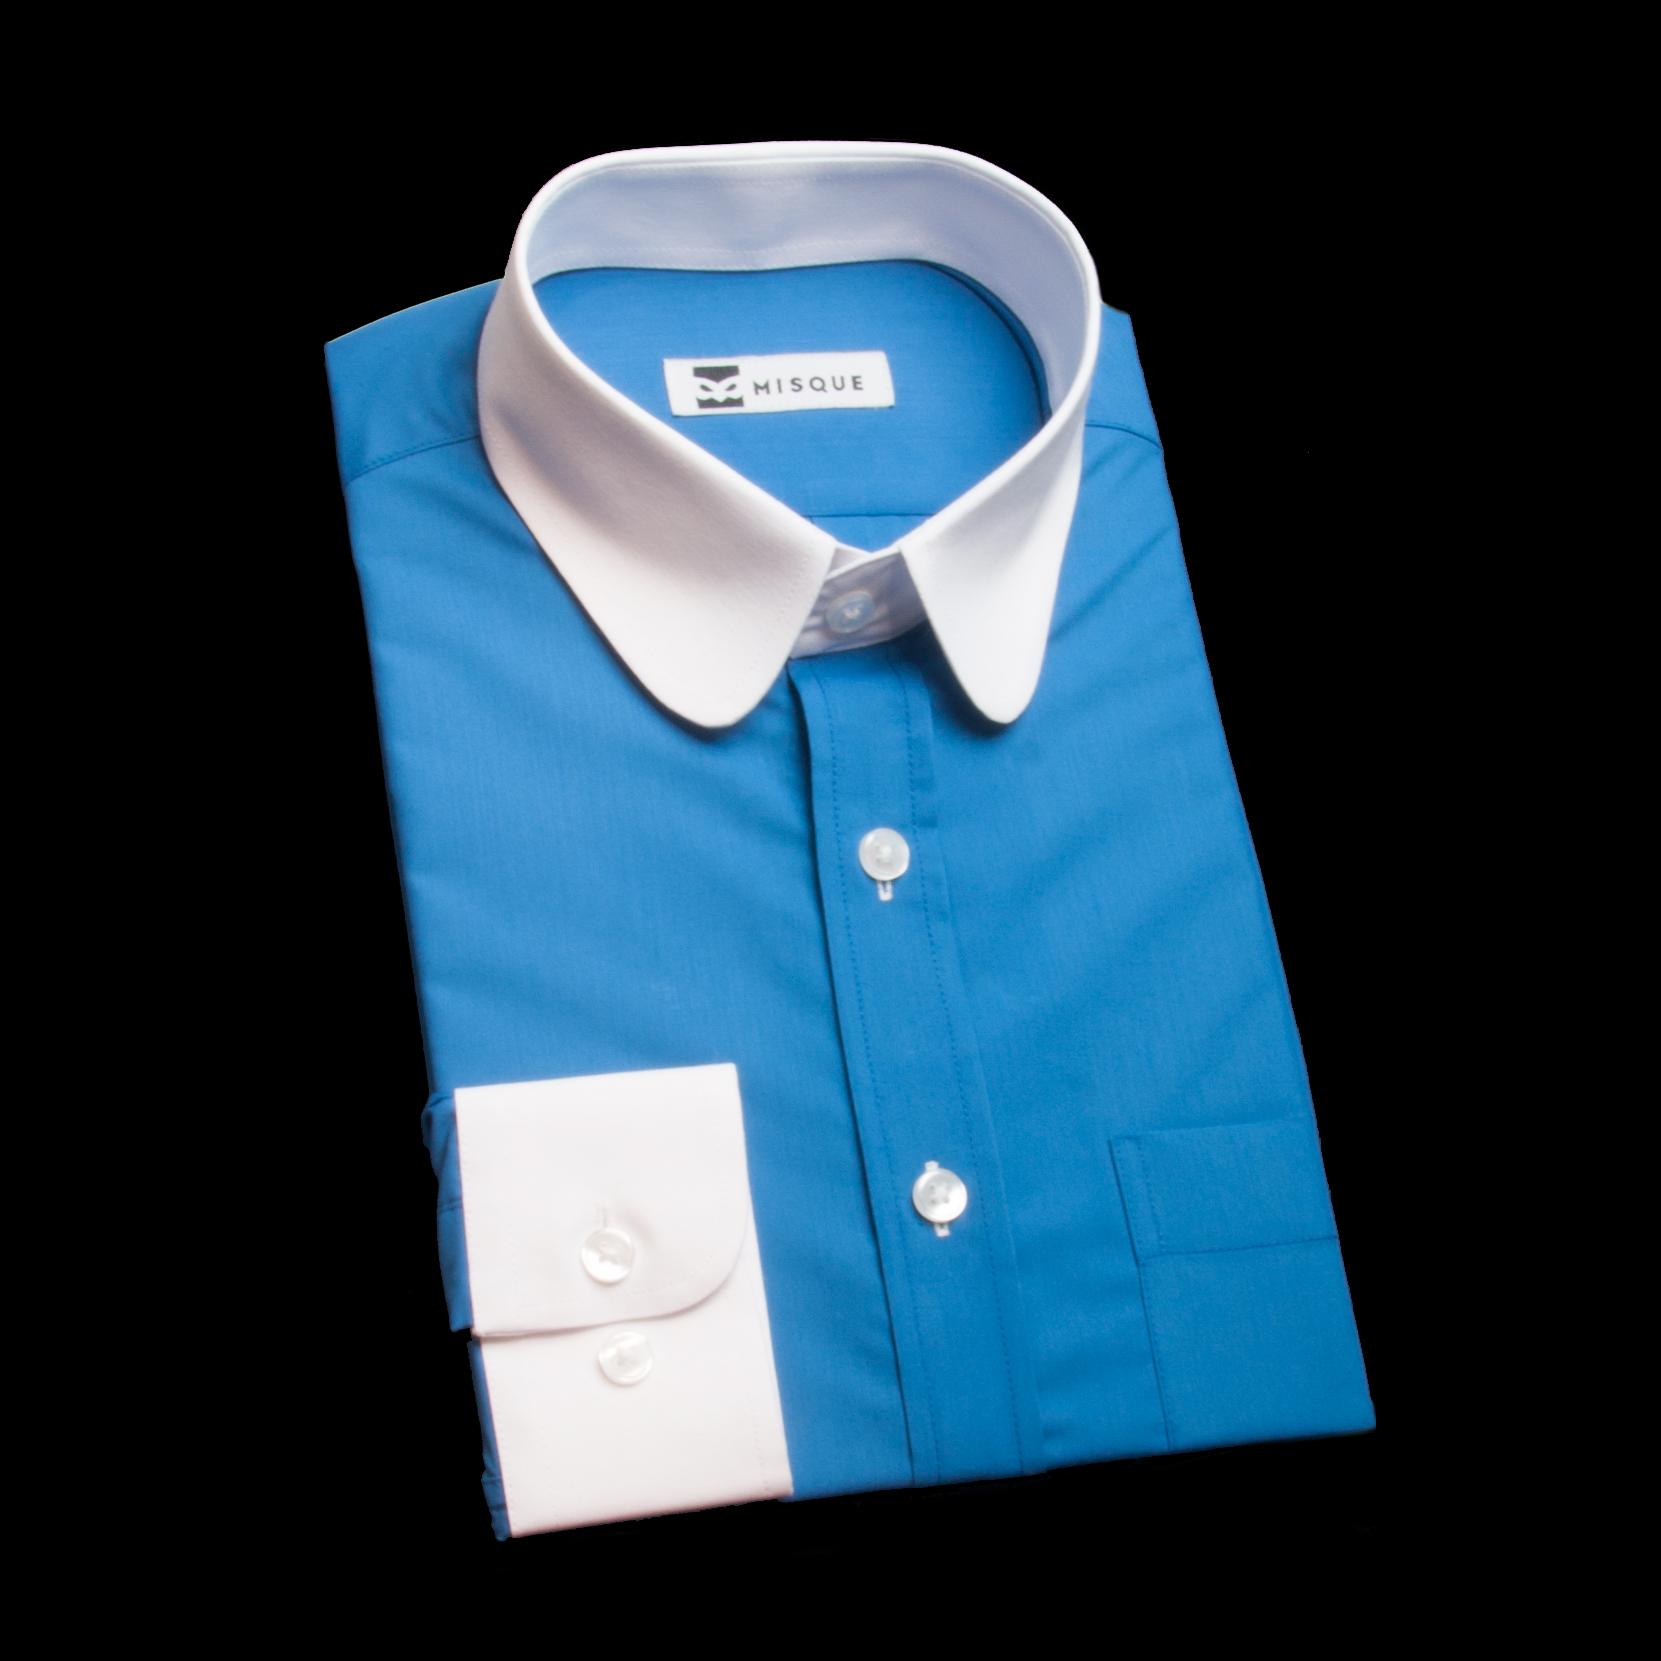 グリーンブルーのクレリックシャツ